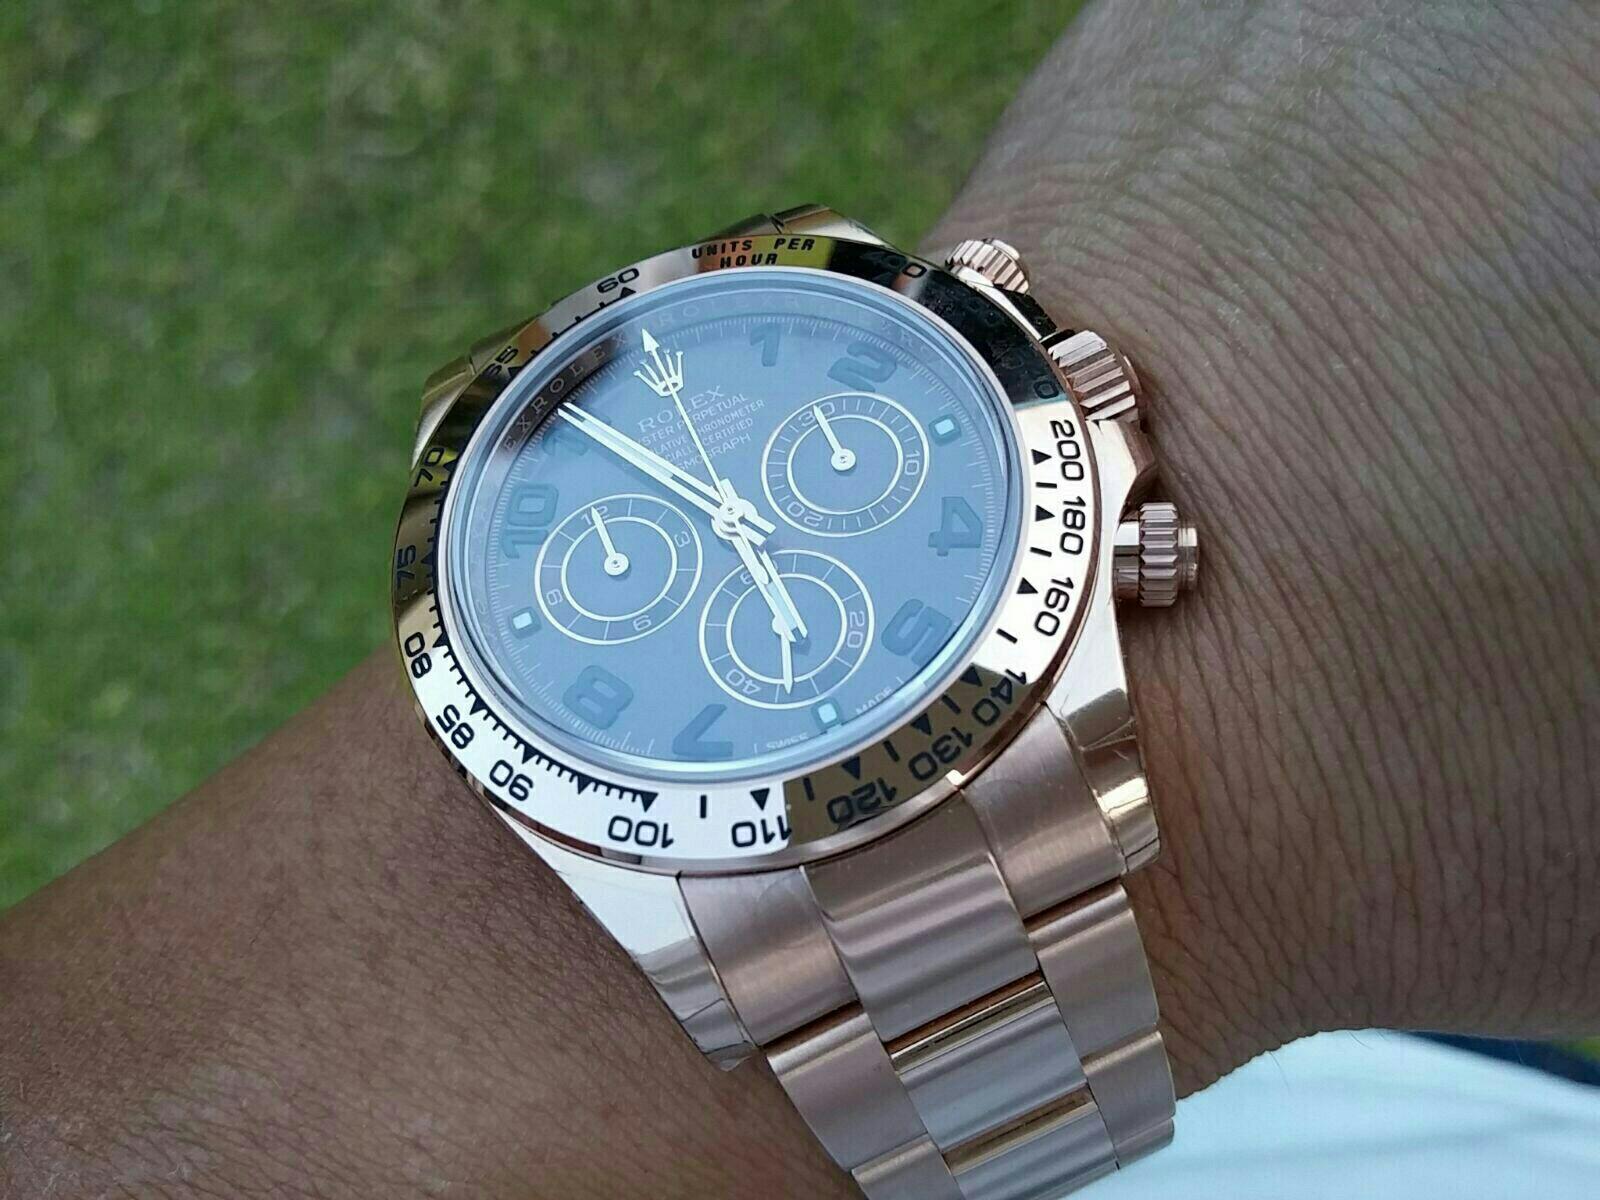 Rolex Daytona朱古力玫瑰金 - 二手市場 - Baby Kingdom - 親子王國 香港 討論區